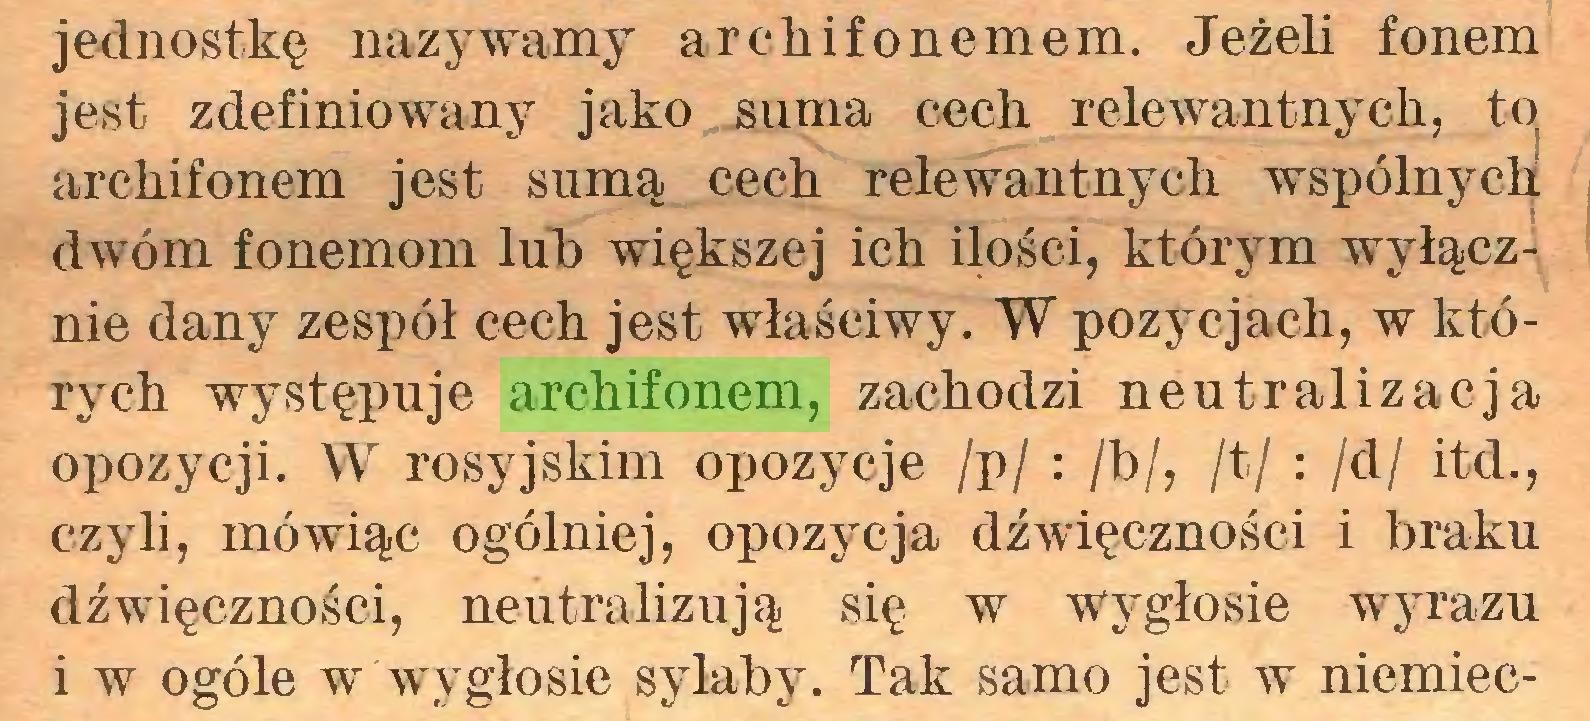 (...) jednostkę nazywamy ar eh if o nemem. Jeżeli fonem jest zdefiniowany jako suma cech relewantnych, to archifonem jest sumą cech relewantnych wspólnych dwóm fonemom lub większej ich ilości, którym wyłącznie dany zespół cech jest właściwy. W pozycjach, w których występuje archifonem, zachodzi neutralizacja opozycji. W rosyjskim opozycje /p/ : /b/, /t/ : /d/ itd., czyli, mówiąc ogólniej, opozycja dźwięczności i braku dźwięczności, neutralizują się w wygłosie wyrazu i w ogóle w wygłosie sylaby. Tak samo jest w niemiec...